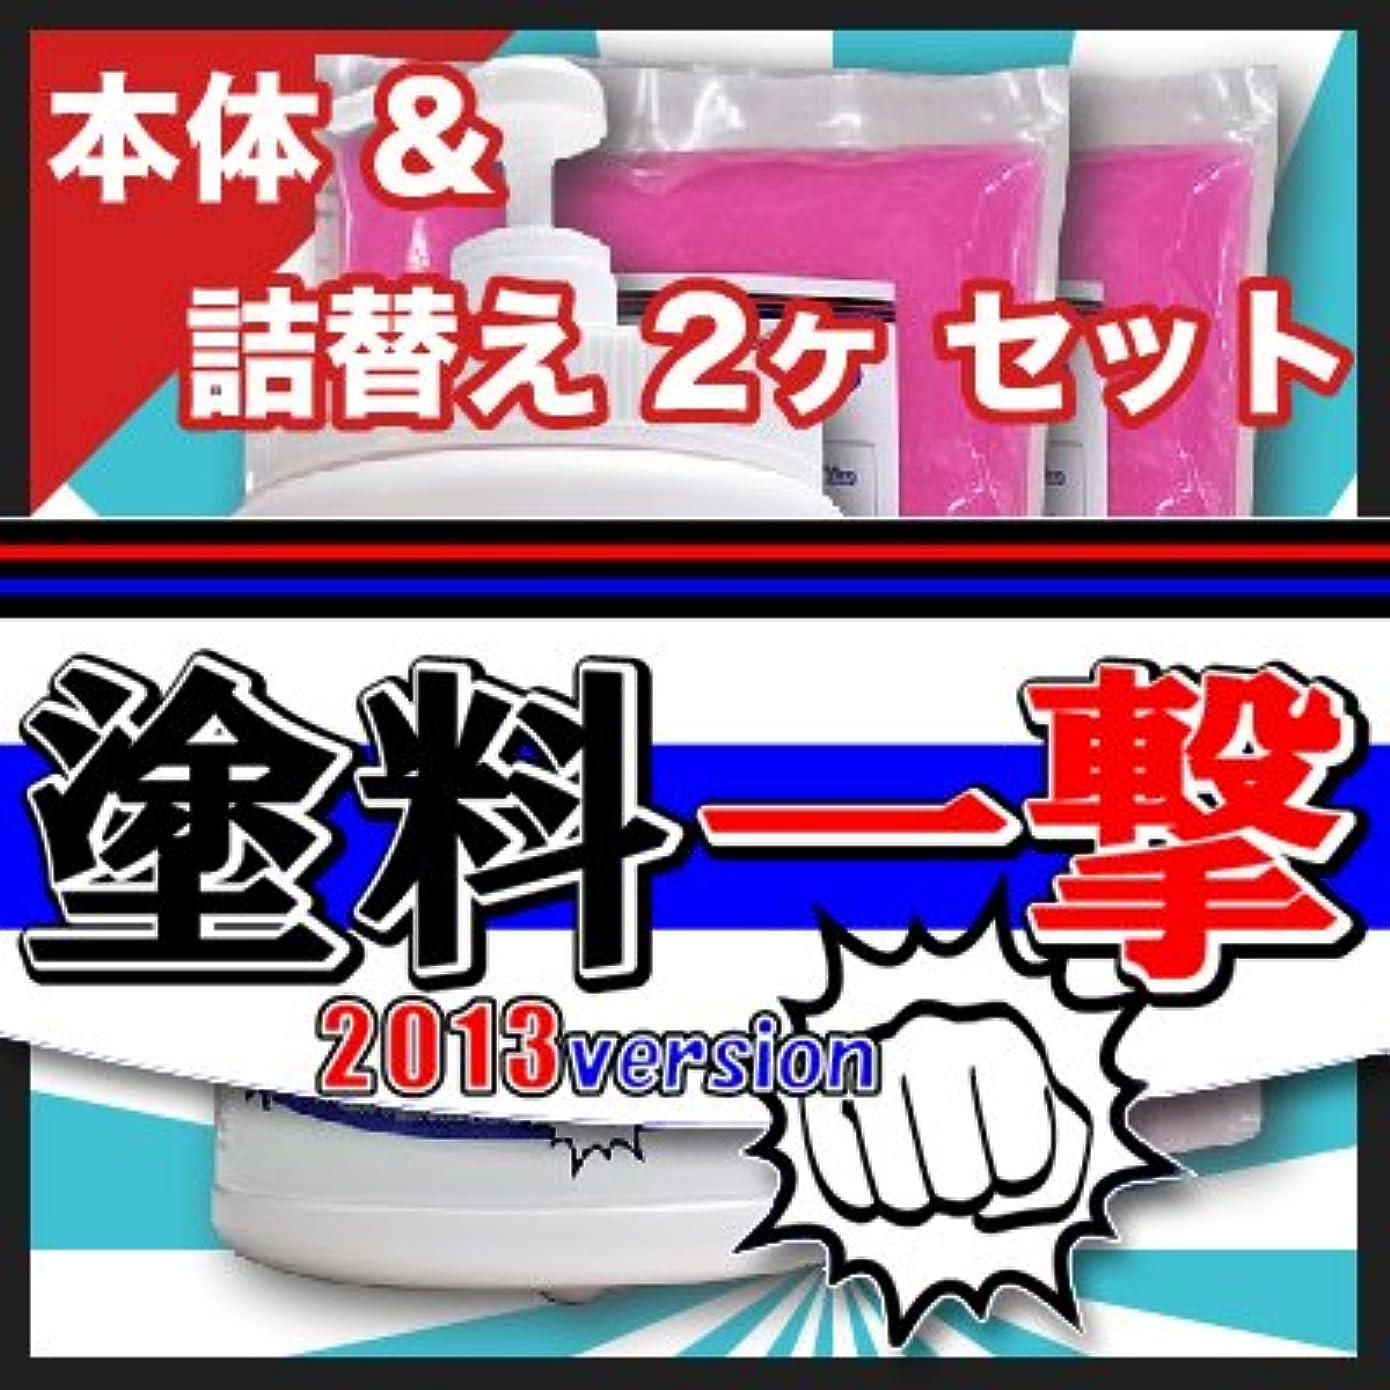 反対する設計図今D.Iプランニング 塗料一撃 2013 Version 本体 (1.5kg) & 詰替え (1.2kg x 2ヶ)